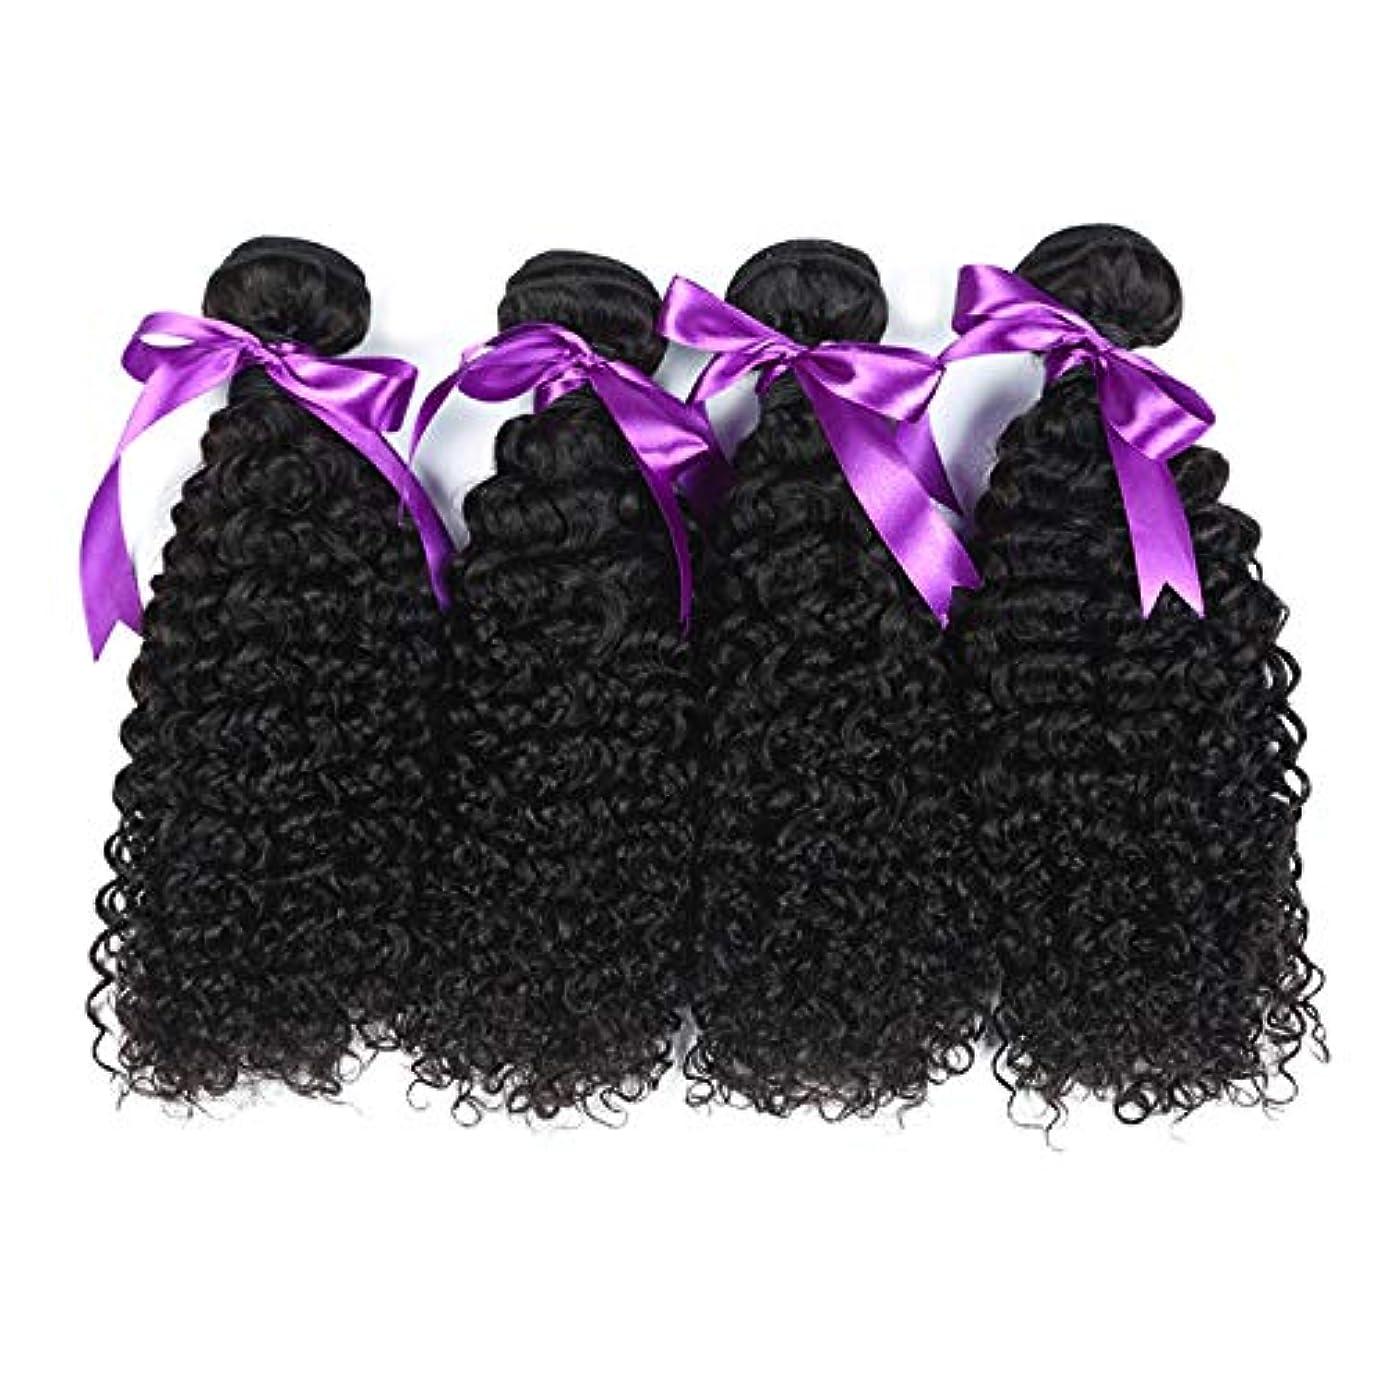 女優前件レルムマレーシアの巻き毛の束8-28インチ100%の人間の毛髪は、Remyの毛のナチュラルカラー4個の巻き毛の束を織ります (Stretched Length : 14 16 18 20)